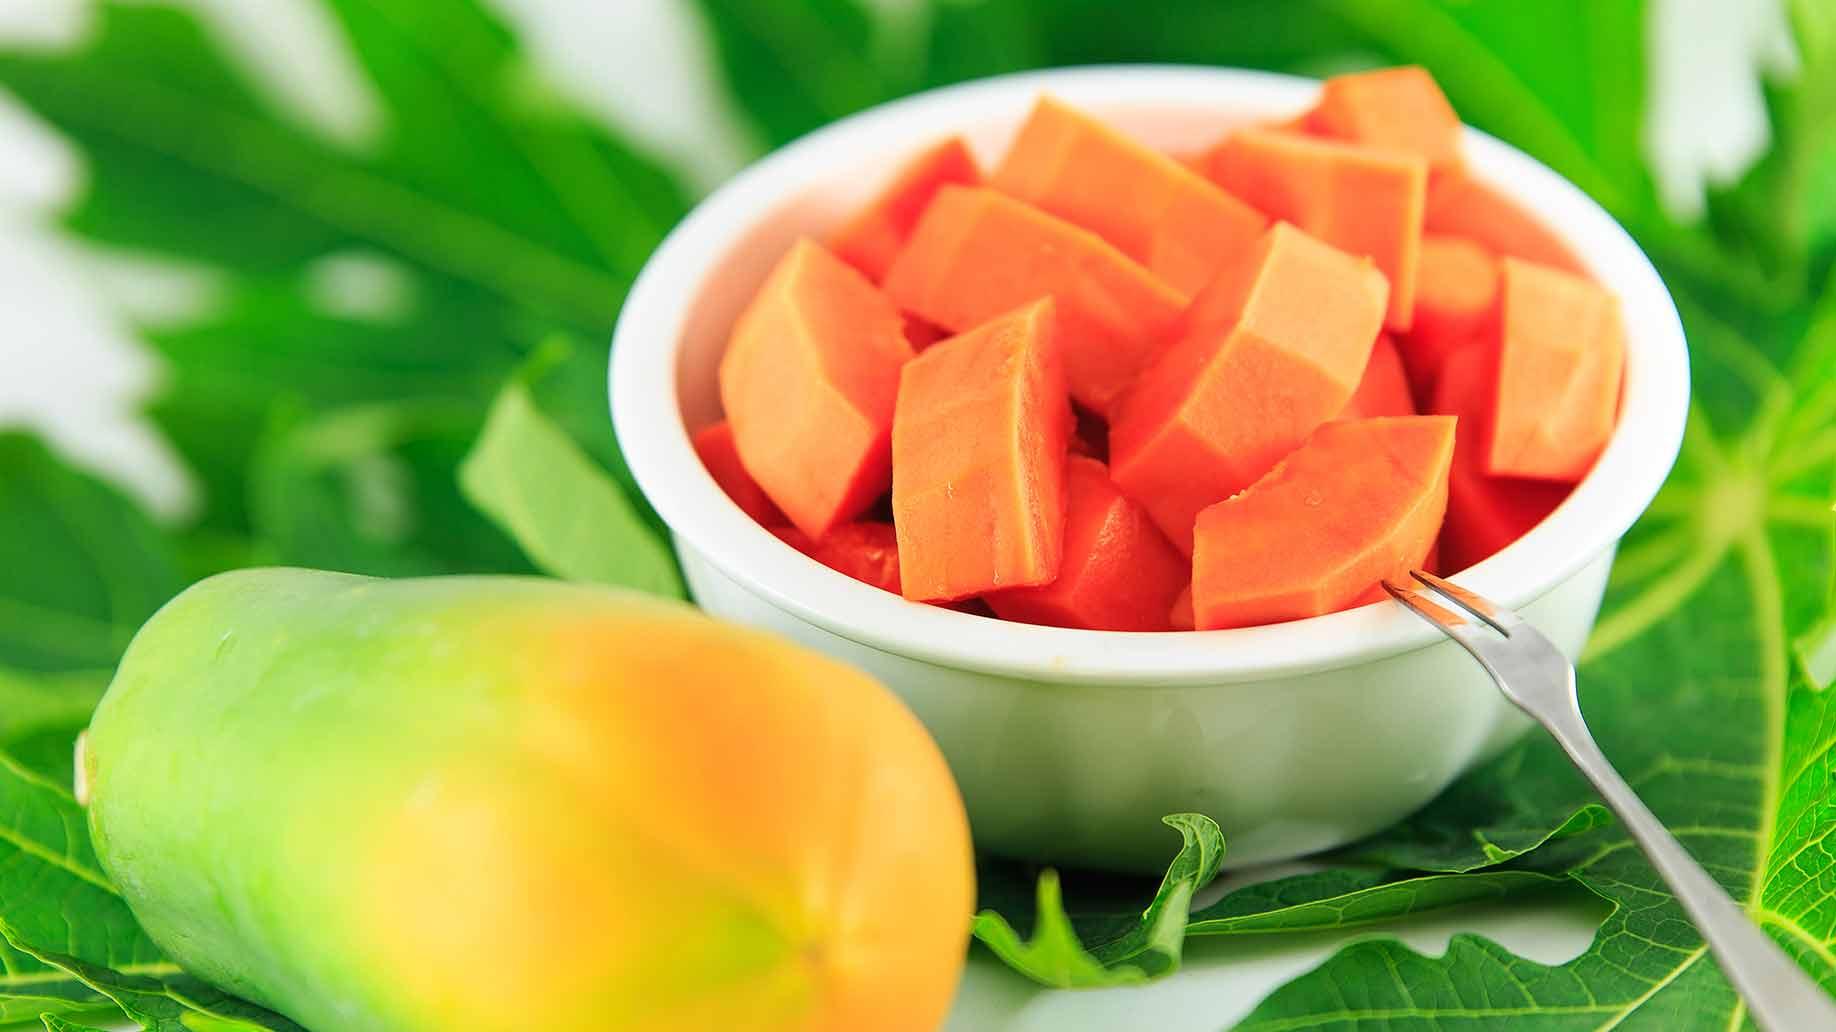 papaya fresh sliced fruit orange with seeds